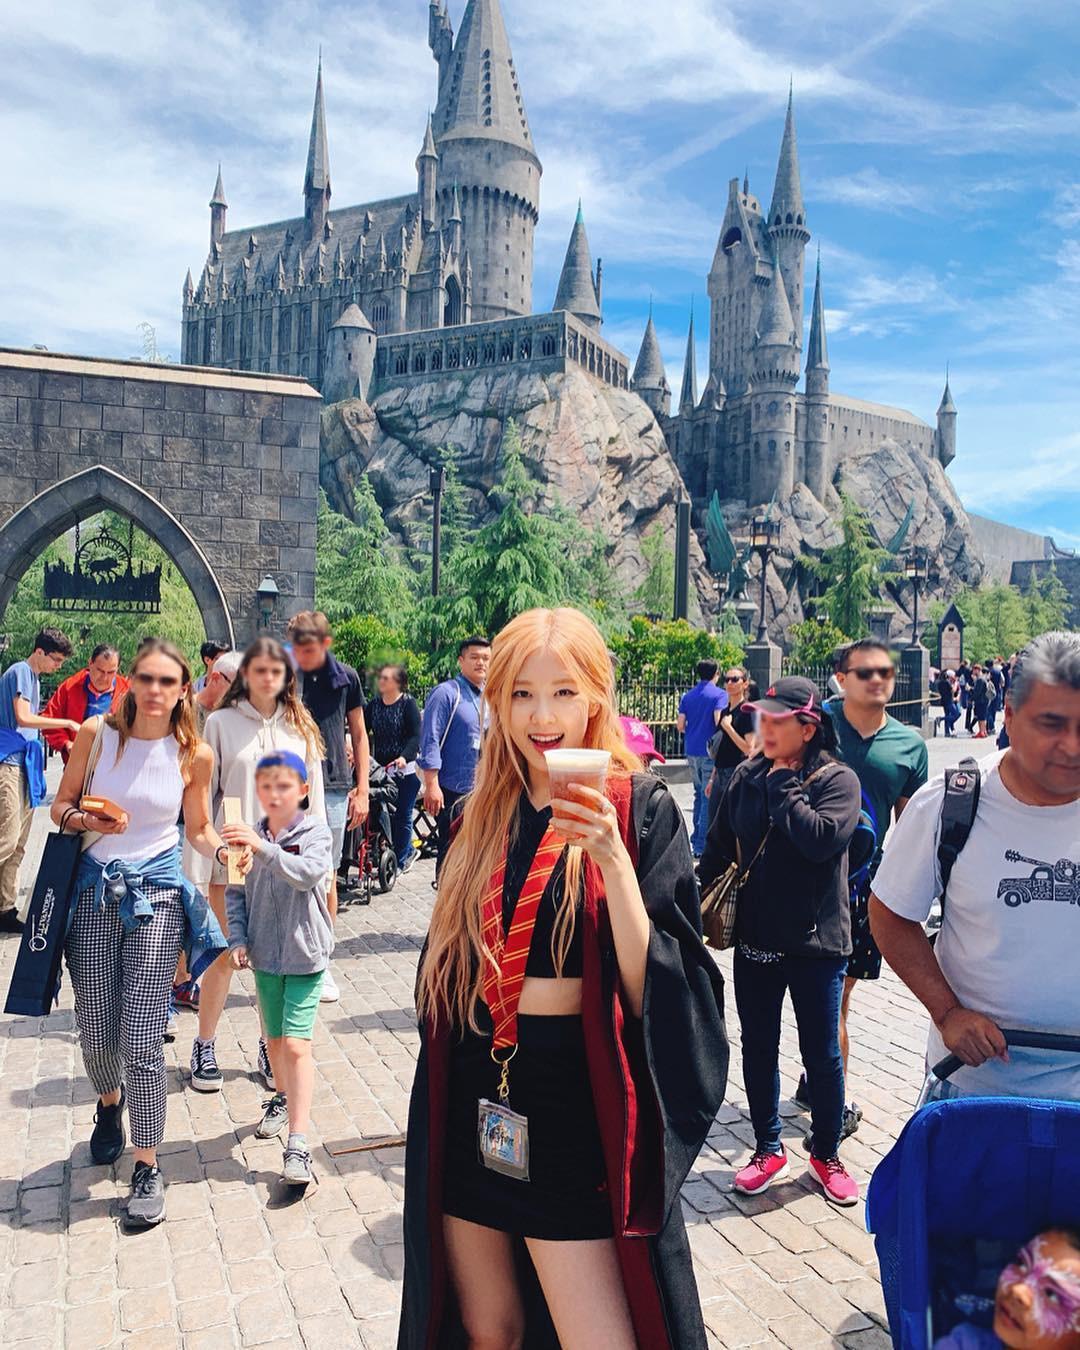 Đúng là gái xinh thì mặc gì cũng đẹp: Mỹ nhân Black Pink khoác áo choàng Harry Potter thôi mà cũng sexy thế này - Ảnh 5.